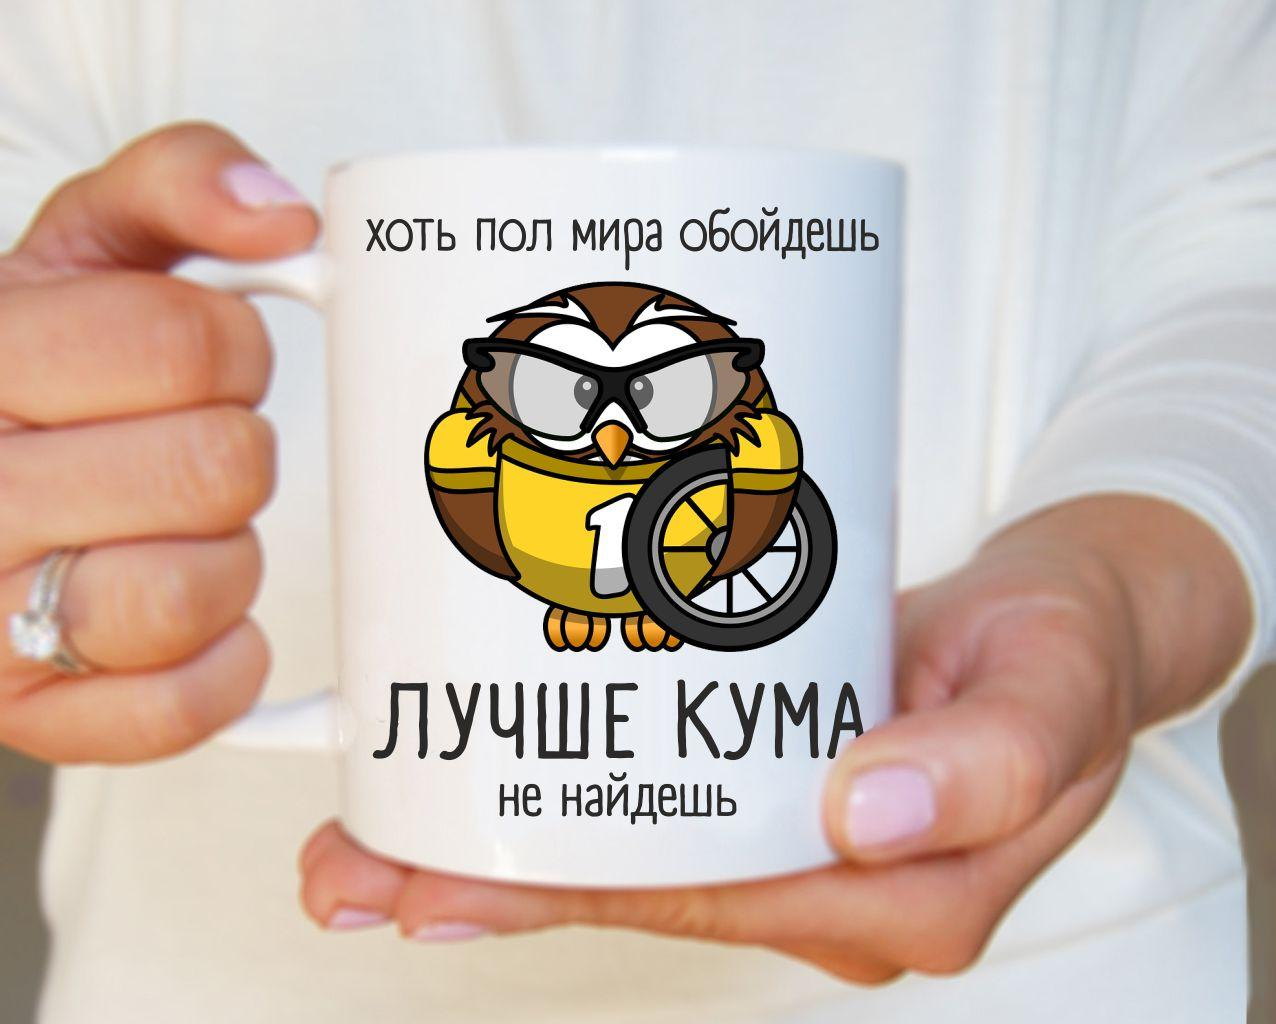 Кружка ЛУЧШИЙ КУМ